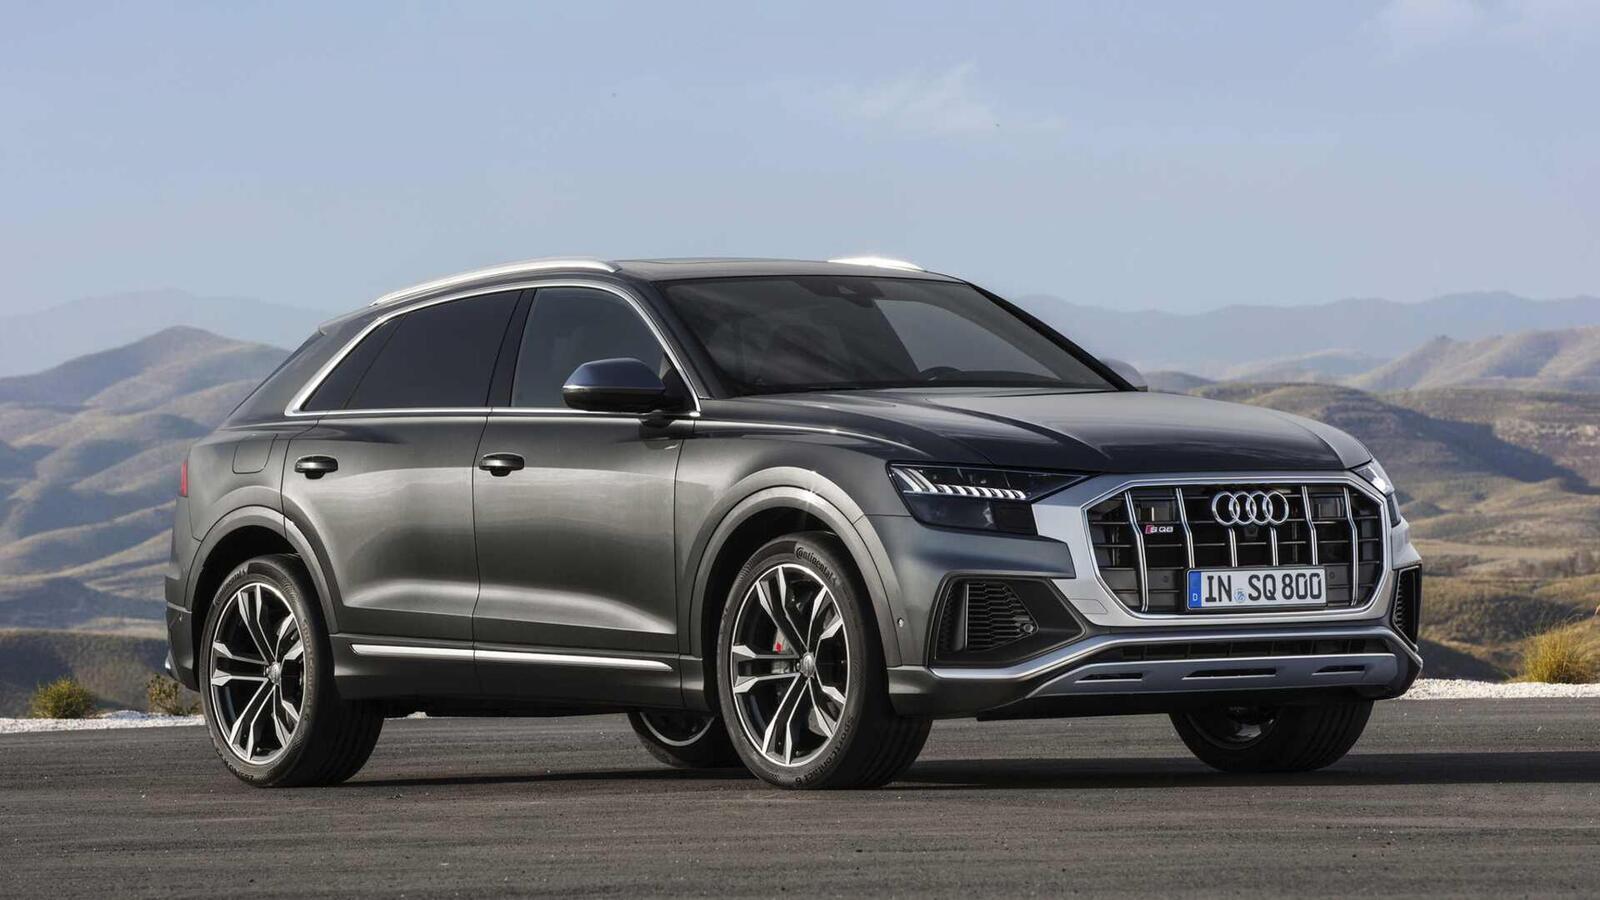 Audi SQ8 ra mắt lắp máy dầu V8 4.0L mild hybrid mạnh 429 mã lực - Hình 19